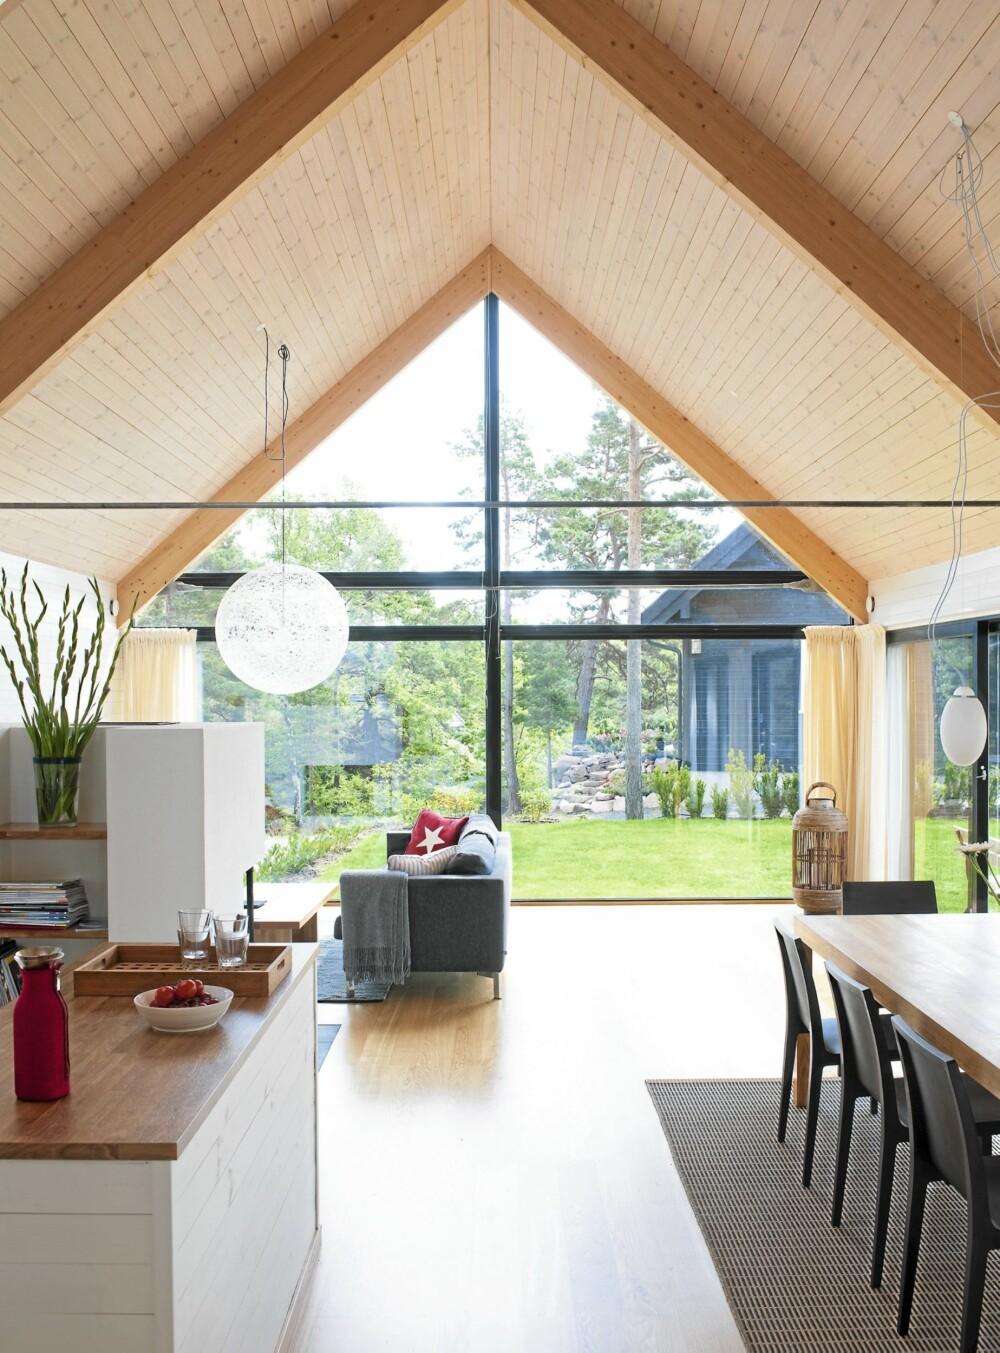 REN STIL: Arkitekturen har en stilig, grafisk effekt - også sett innefra hytta. Legg merke til hvordan taket er bygget opp.